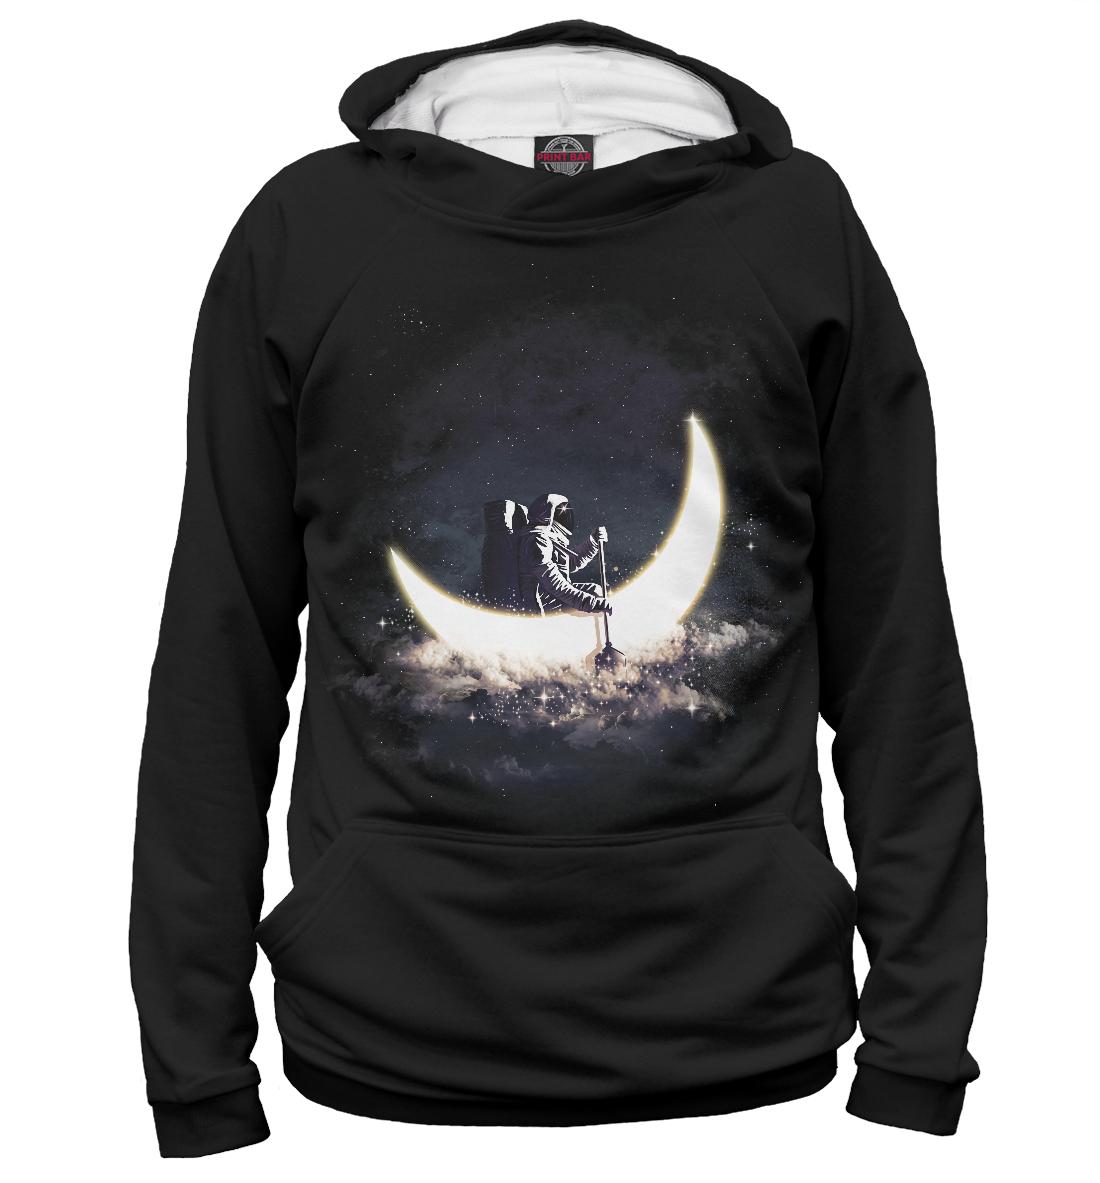 Купить Космонавт в лунной лодке, Printbar, Худи, ARC-795248-hud-1